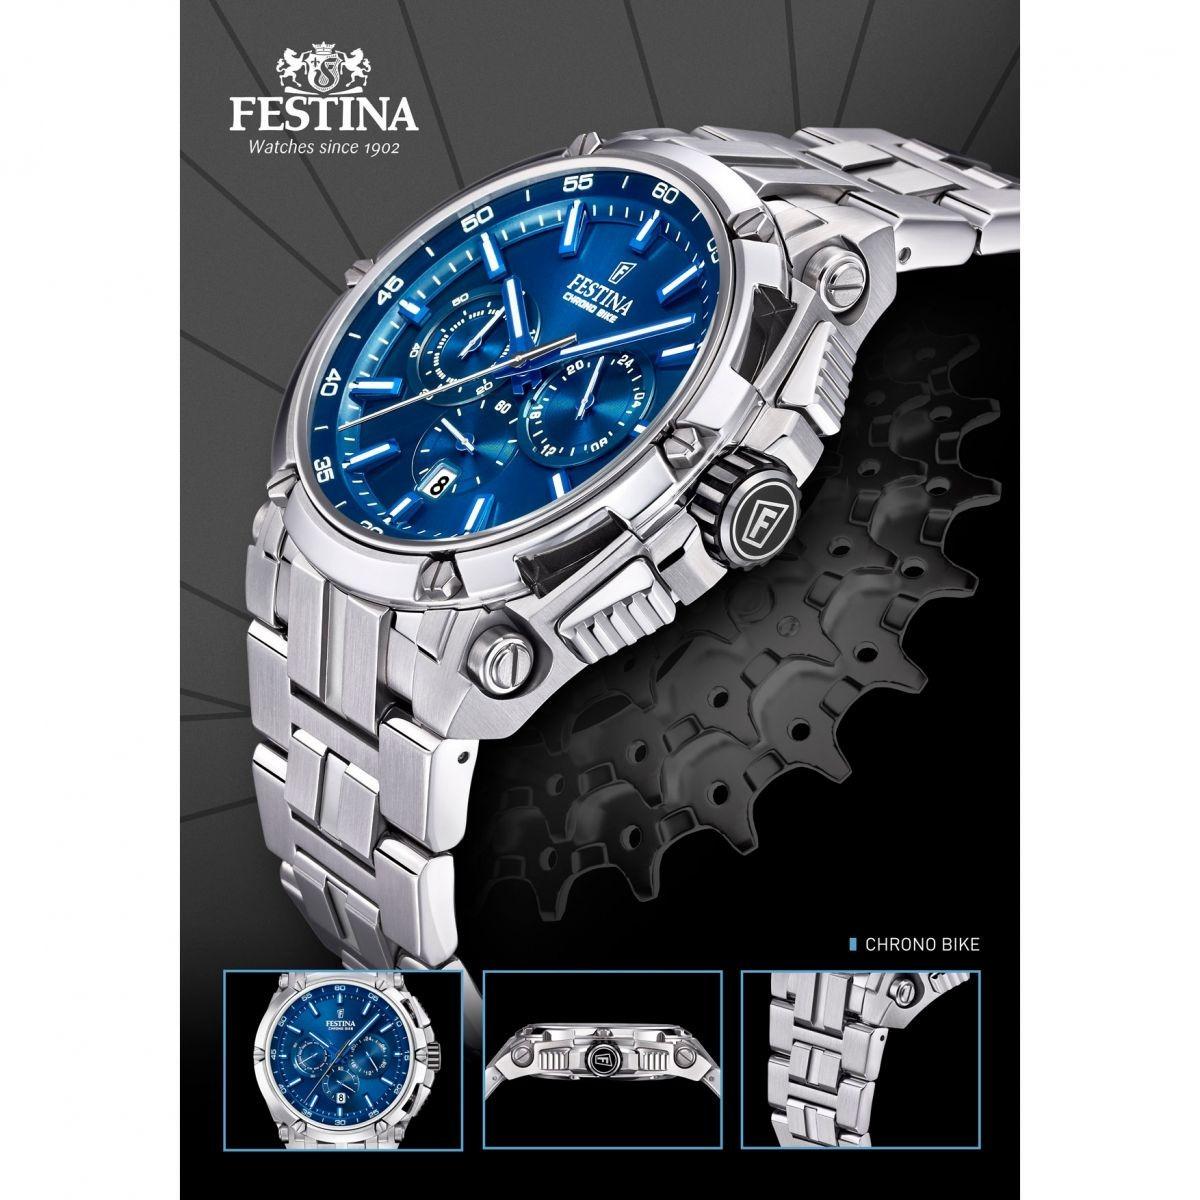 fc8af5d3e45f Reloj Festina Tour Año 2017 F20327 -   299.990 en Mercado Libre